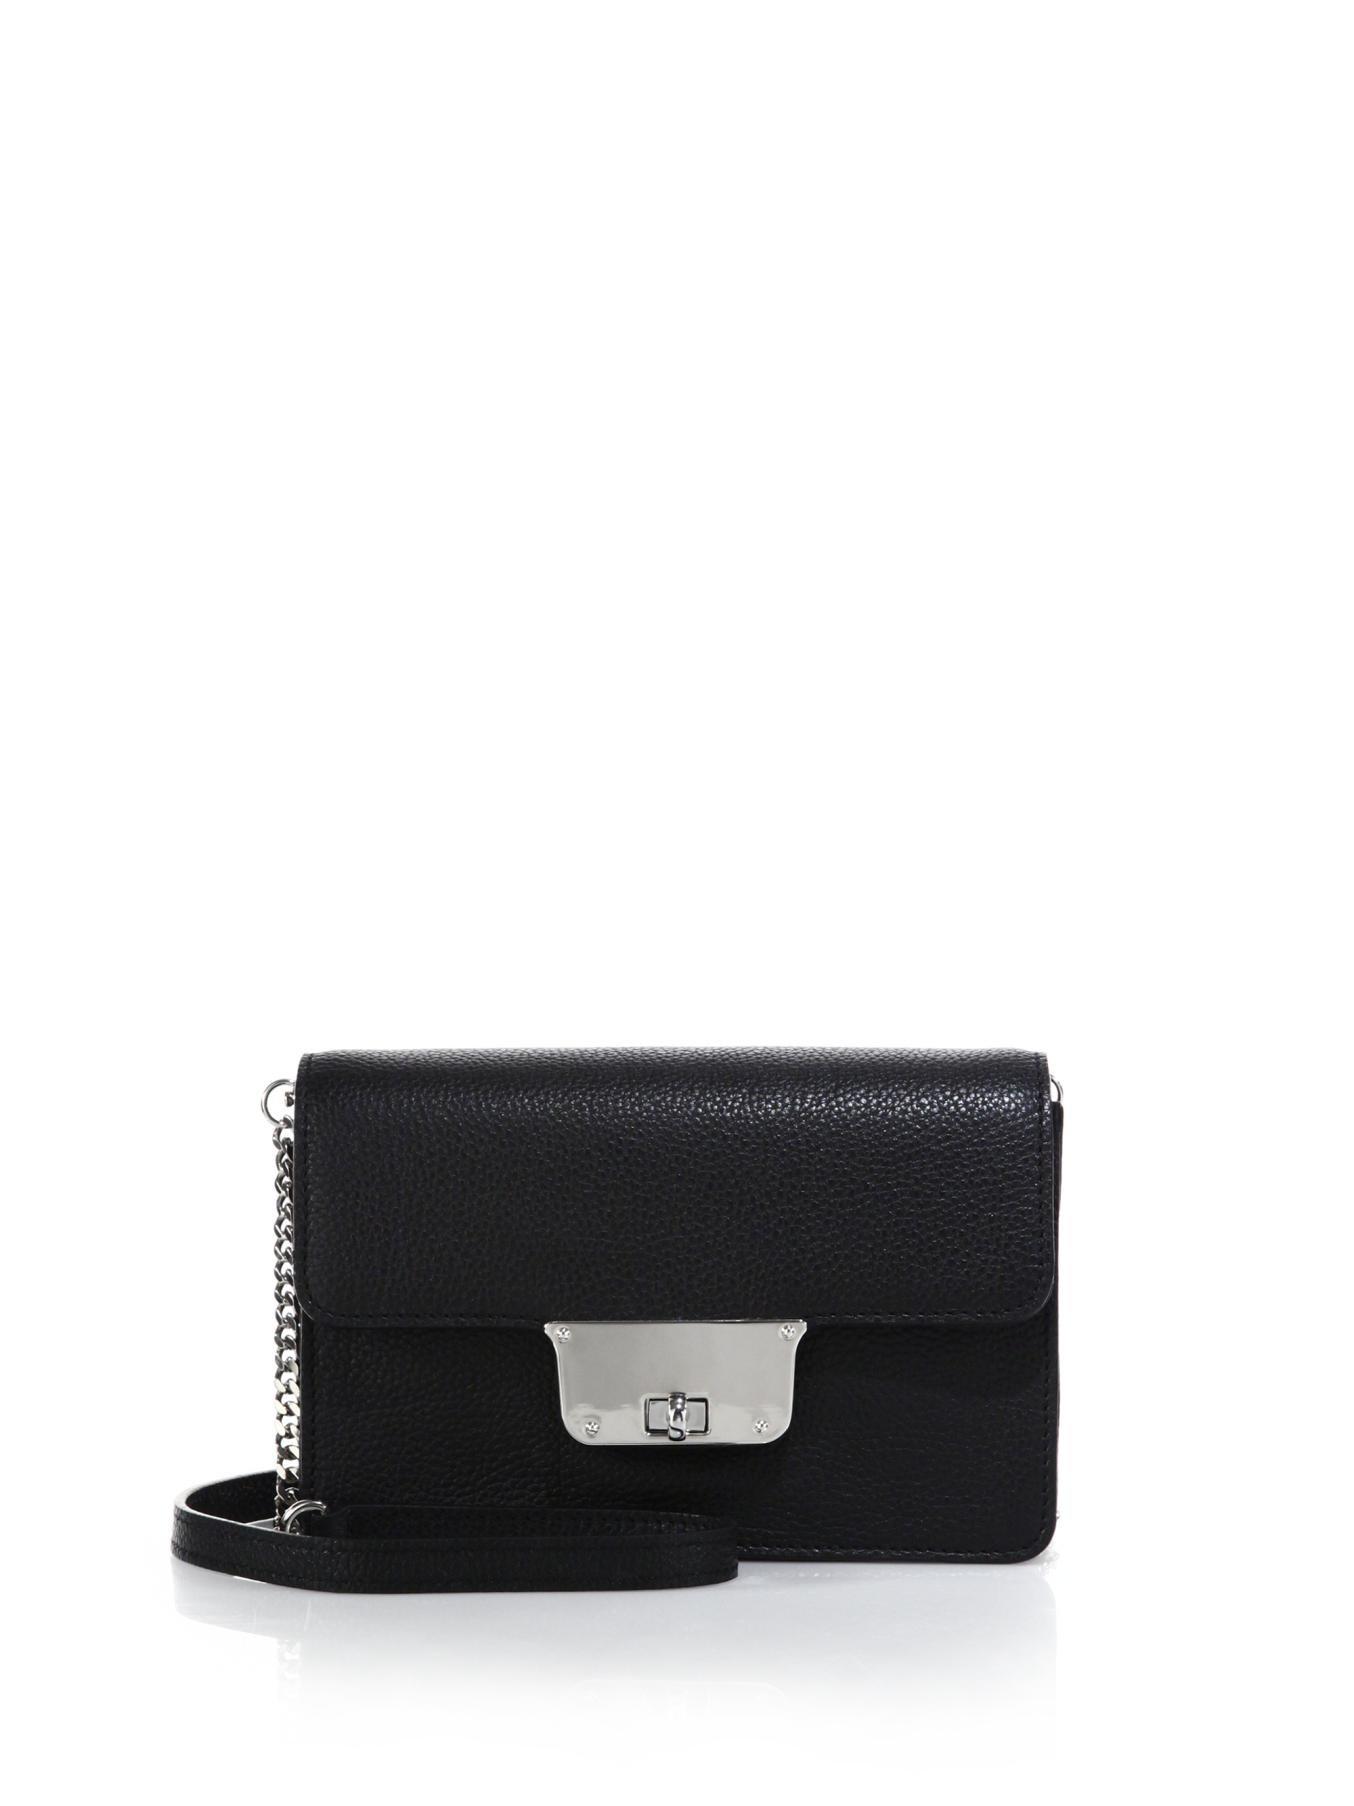 c3f8af7085 Lyst - MILLY Astor Mini Leather Crossbody Bag in Black